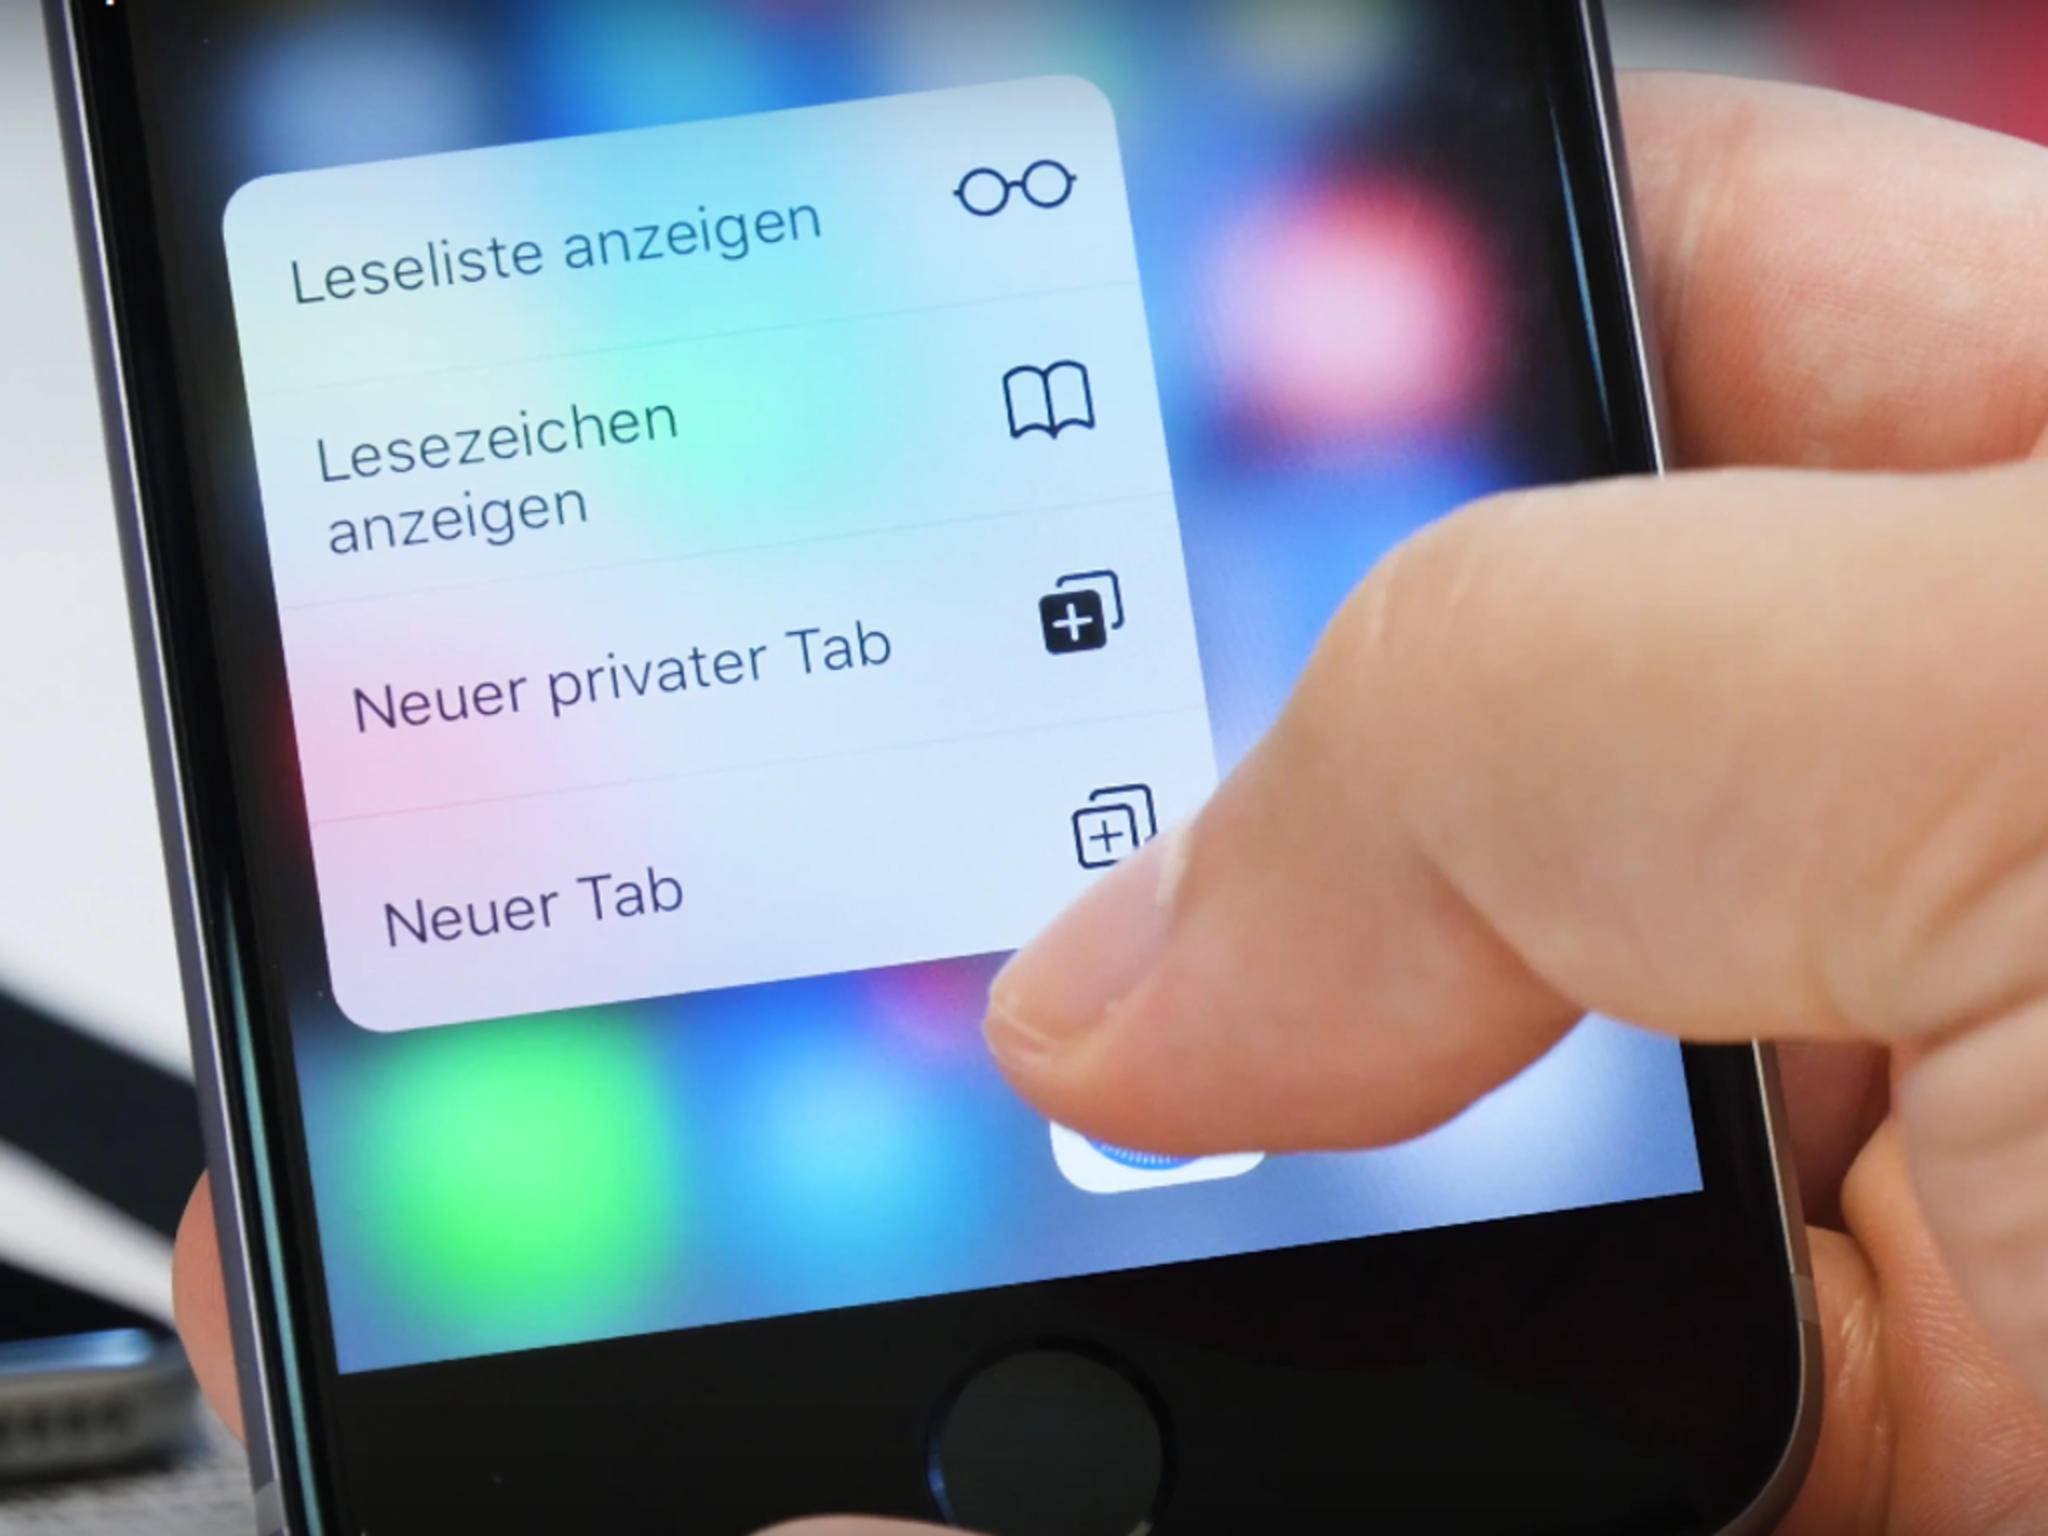 Hat Apple mit 3D Touch ein Patent des Unternehmens Immersion verletzt?